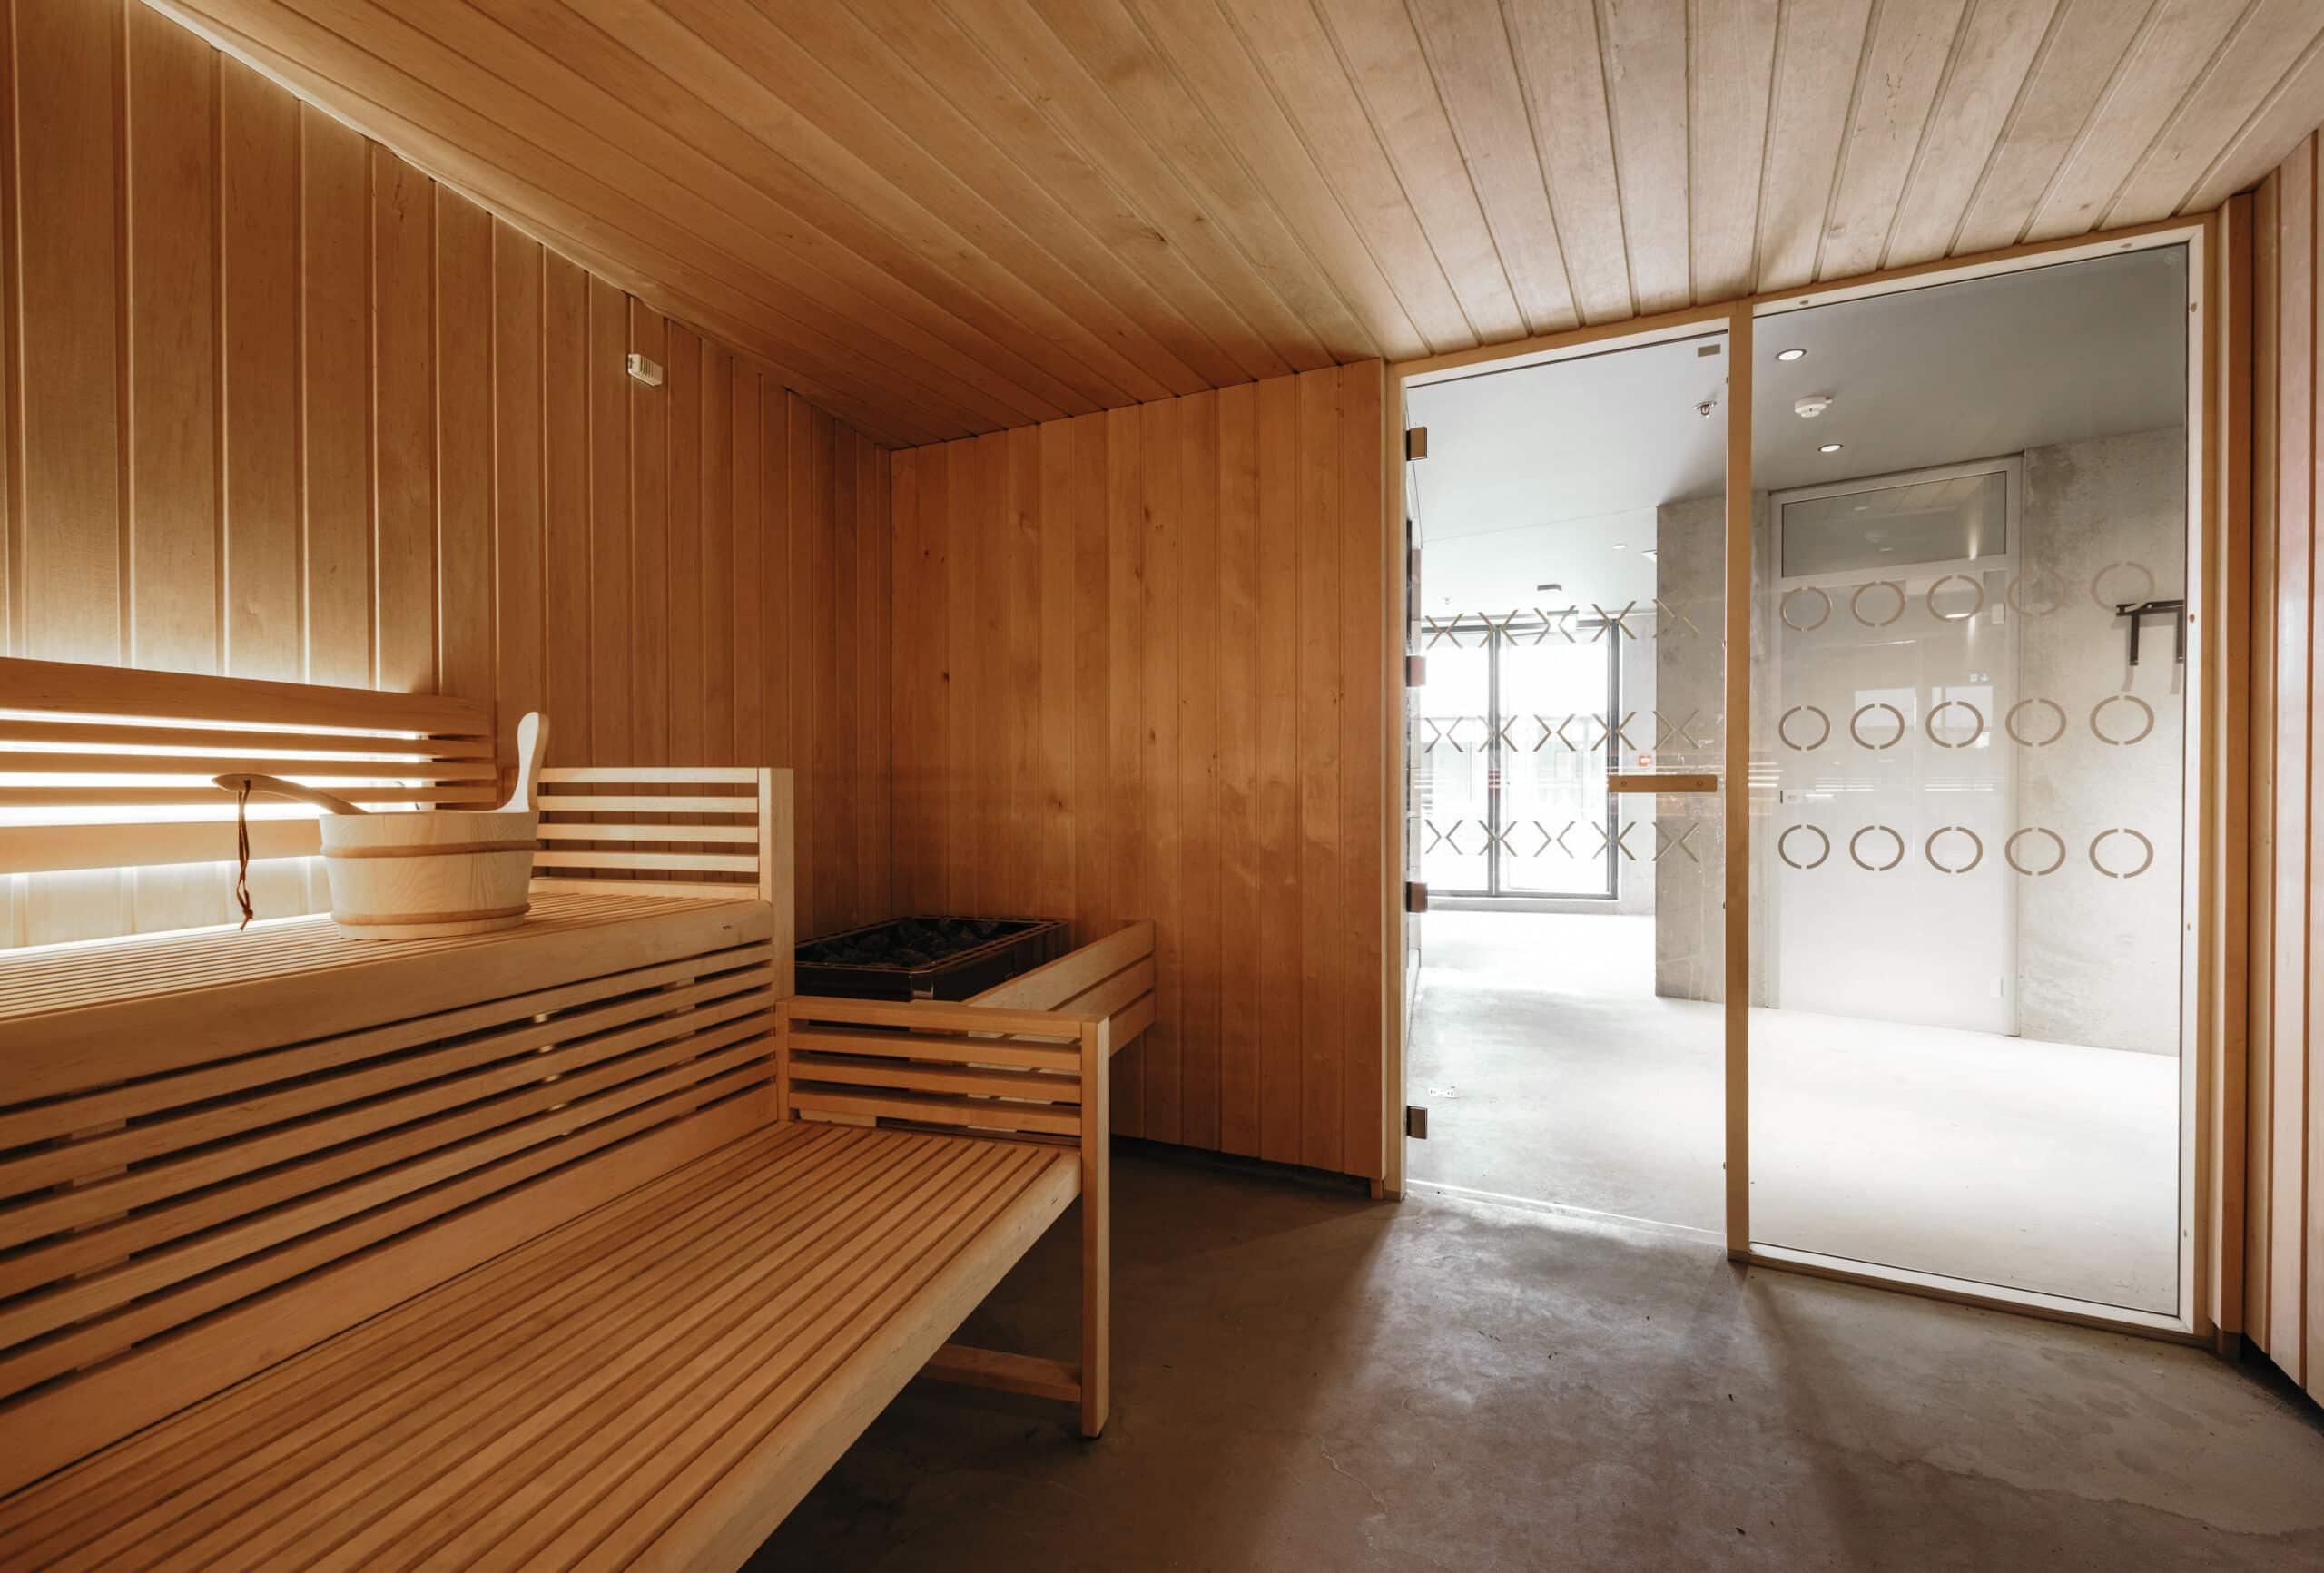 exeter_sauna_4